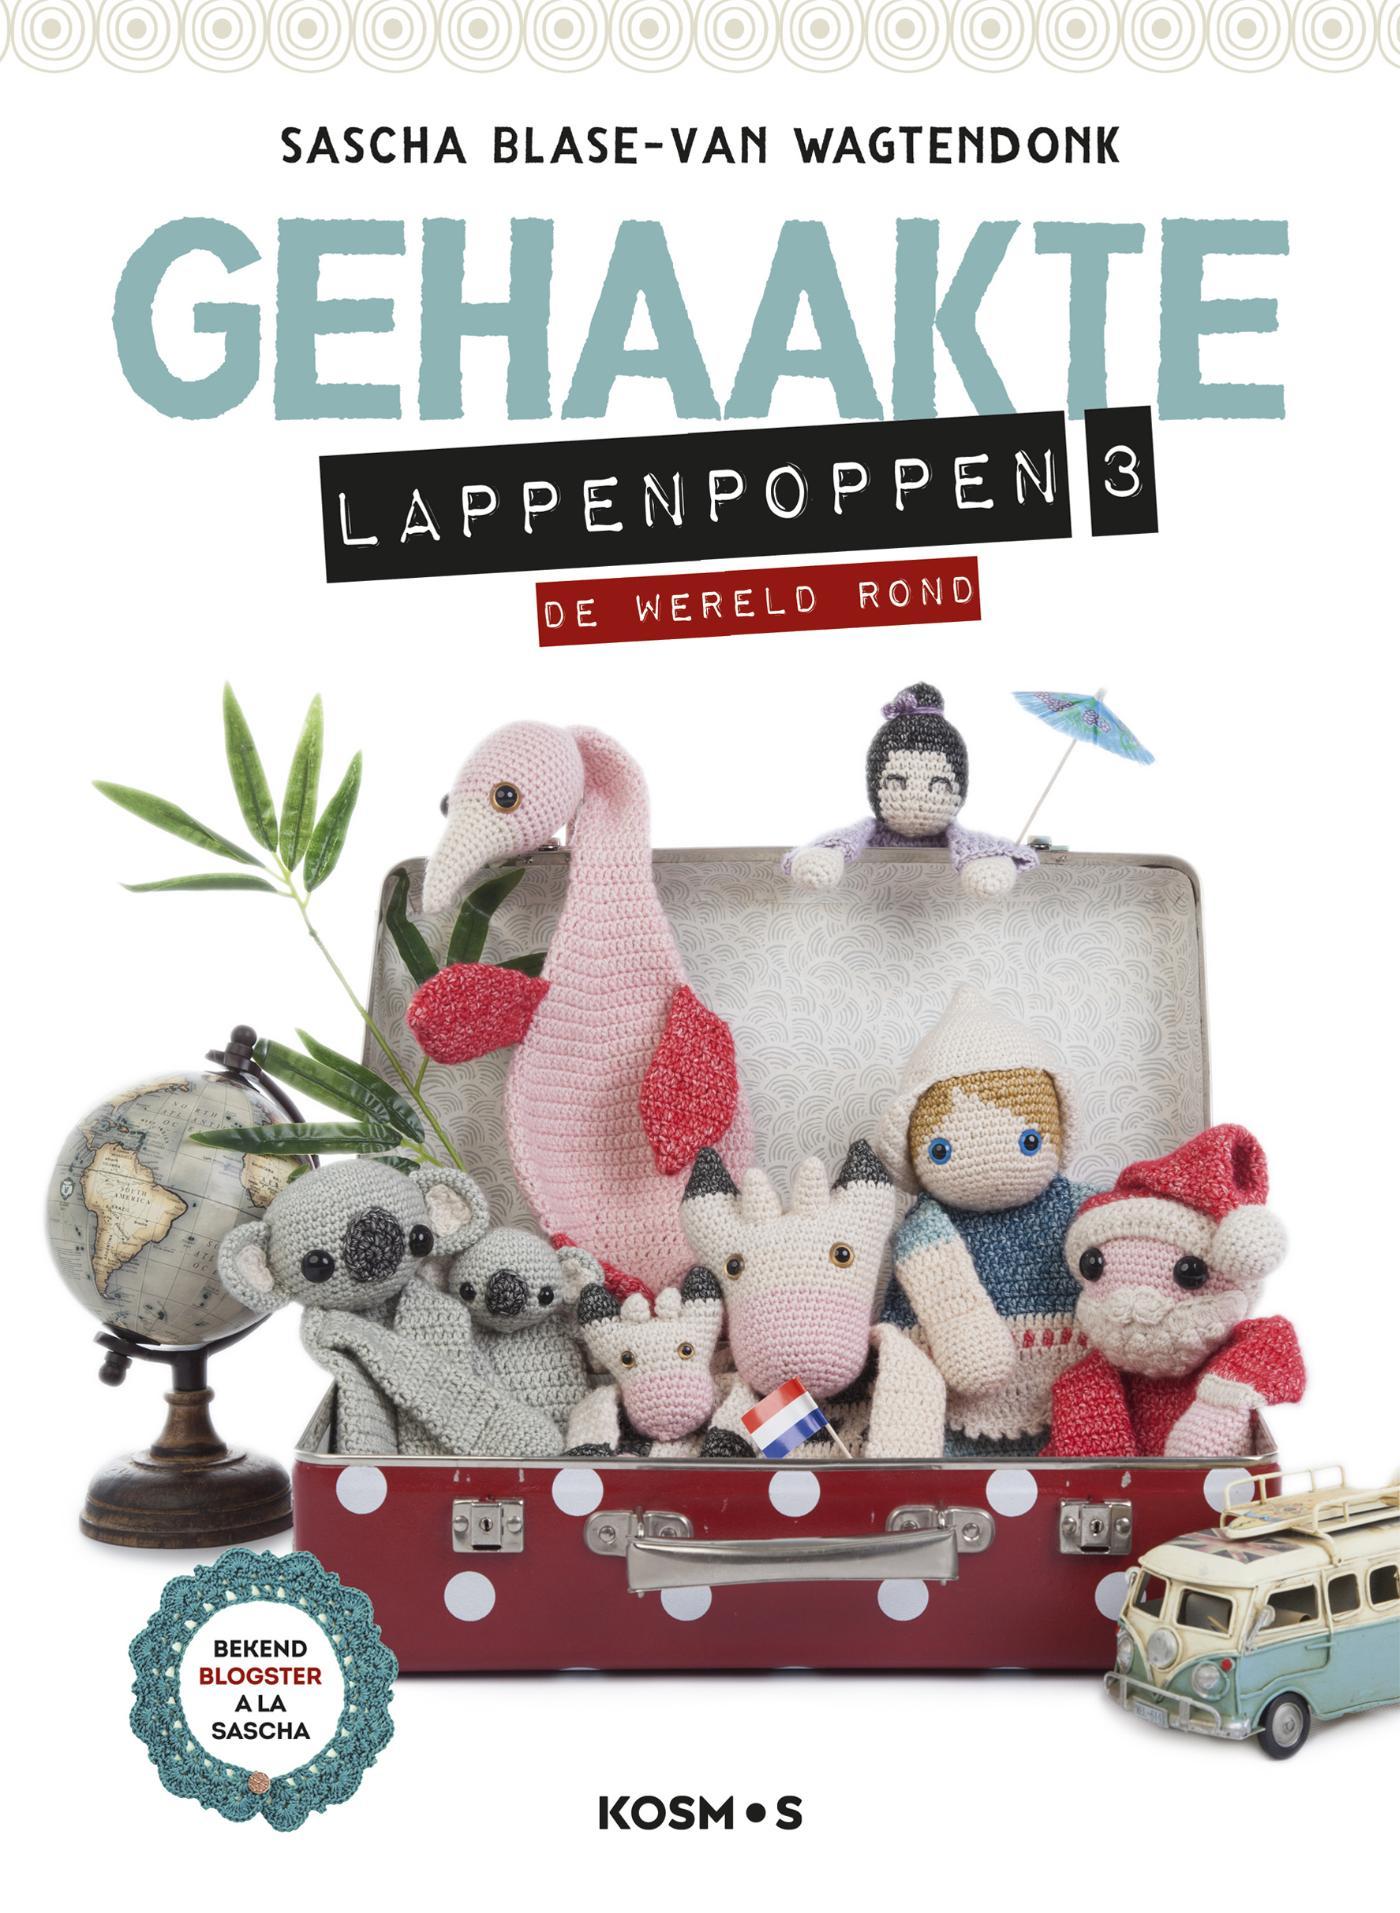 Boek Meer Kant Haken Geschreven Door Sascha Blase Van Wagtendonk